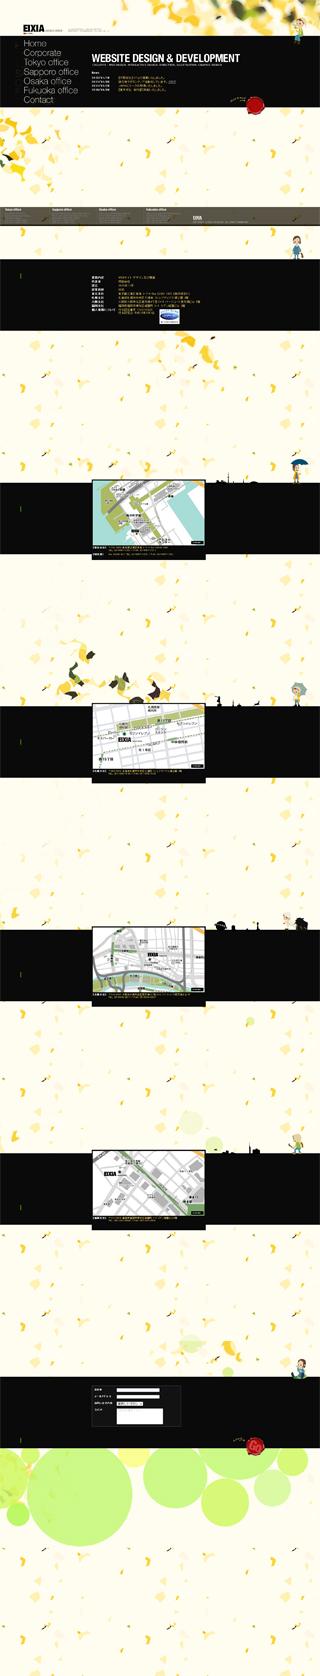 株式会社イクシア Eixia Design OfficeのWEBデザイン